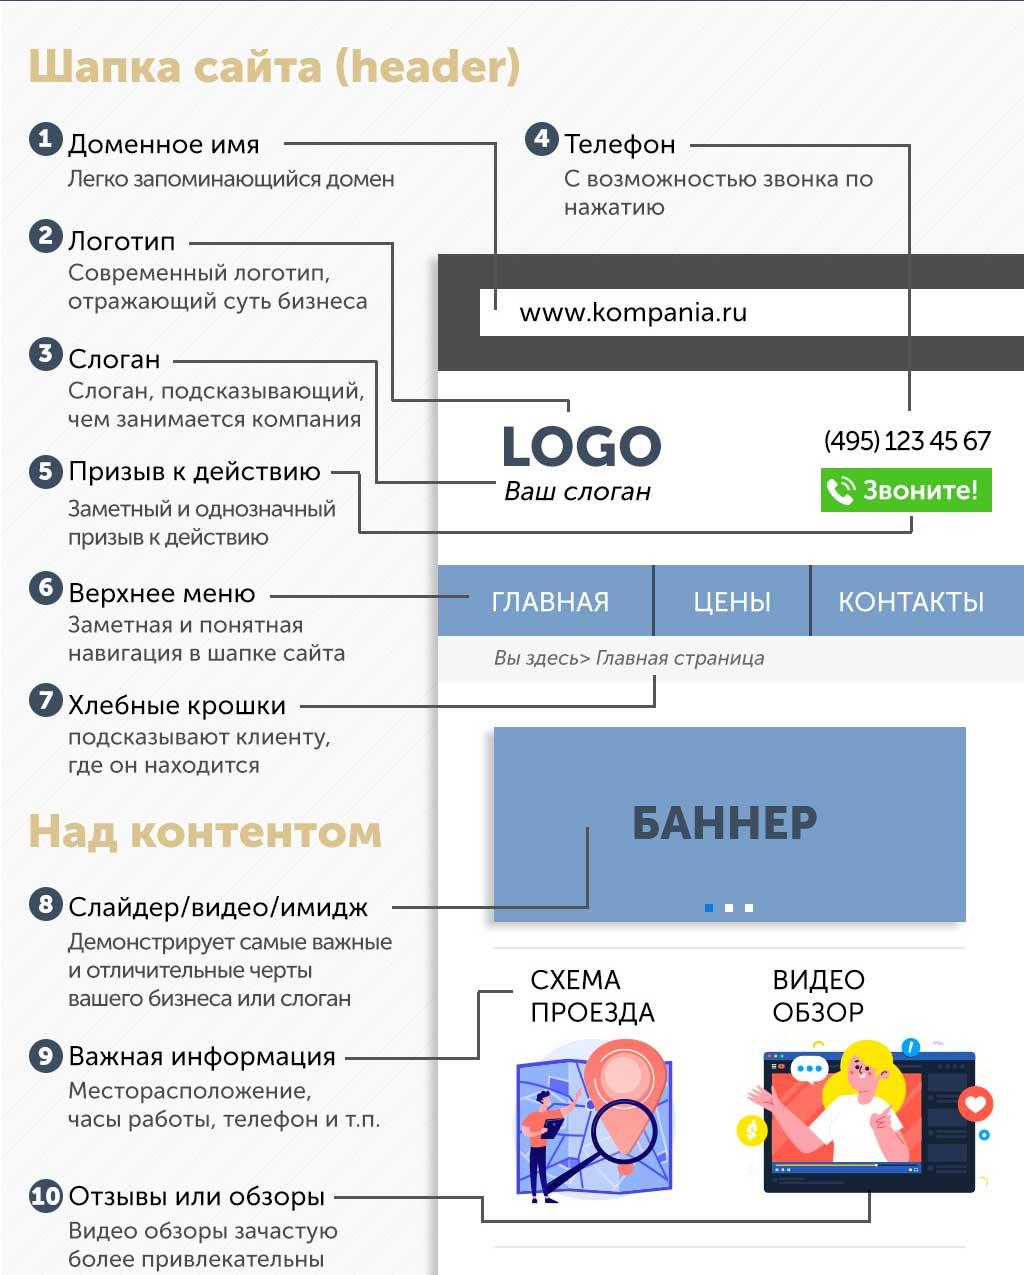 Заказать сайт Инфографика дизайн сайтов в Москве